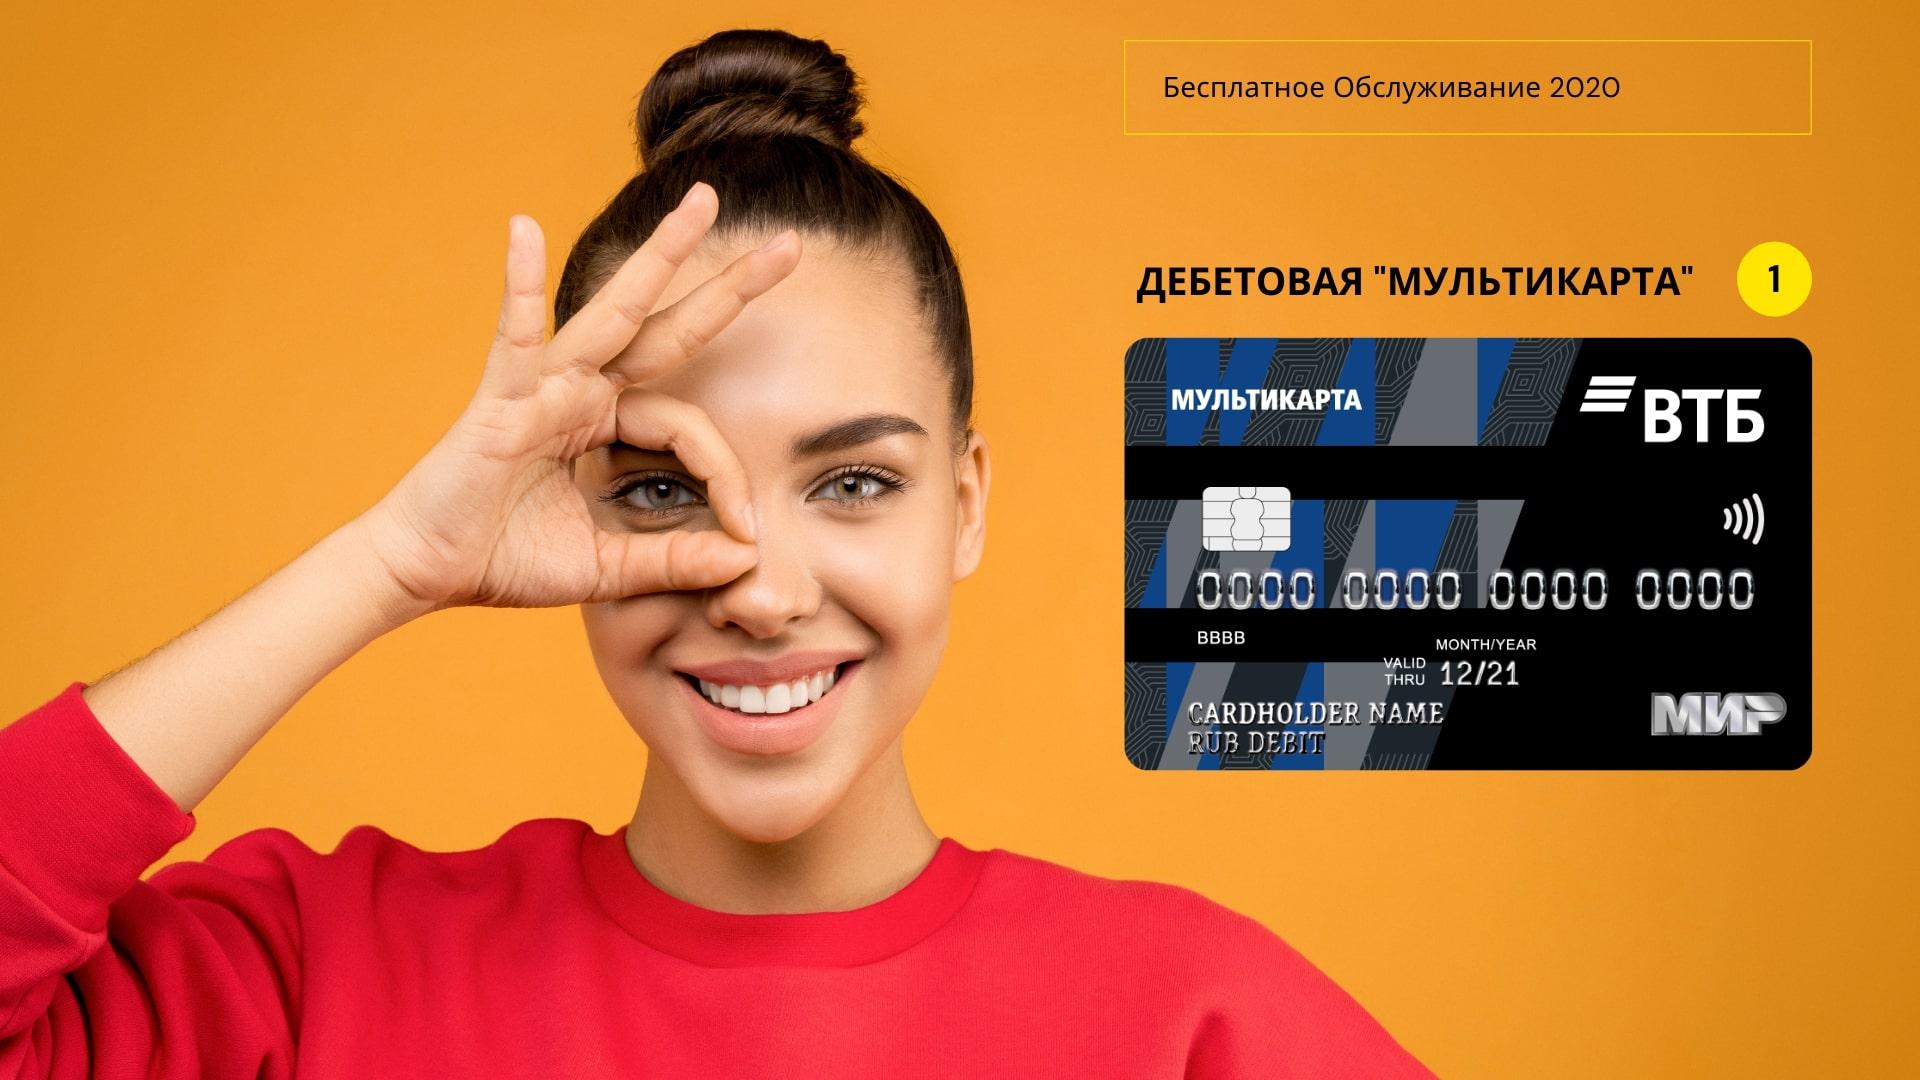 Дебетовая карта с бесплатным обслуживанием ВТБ